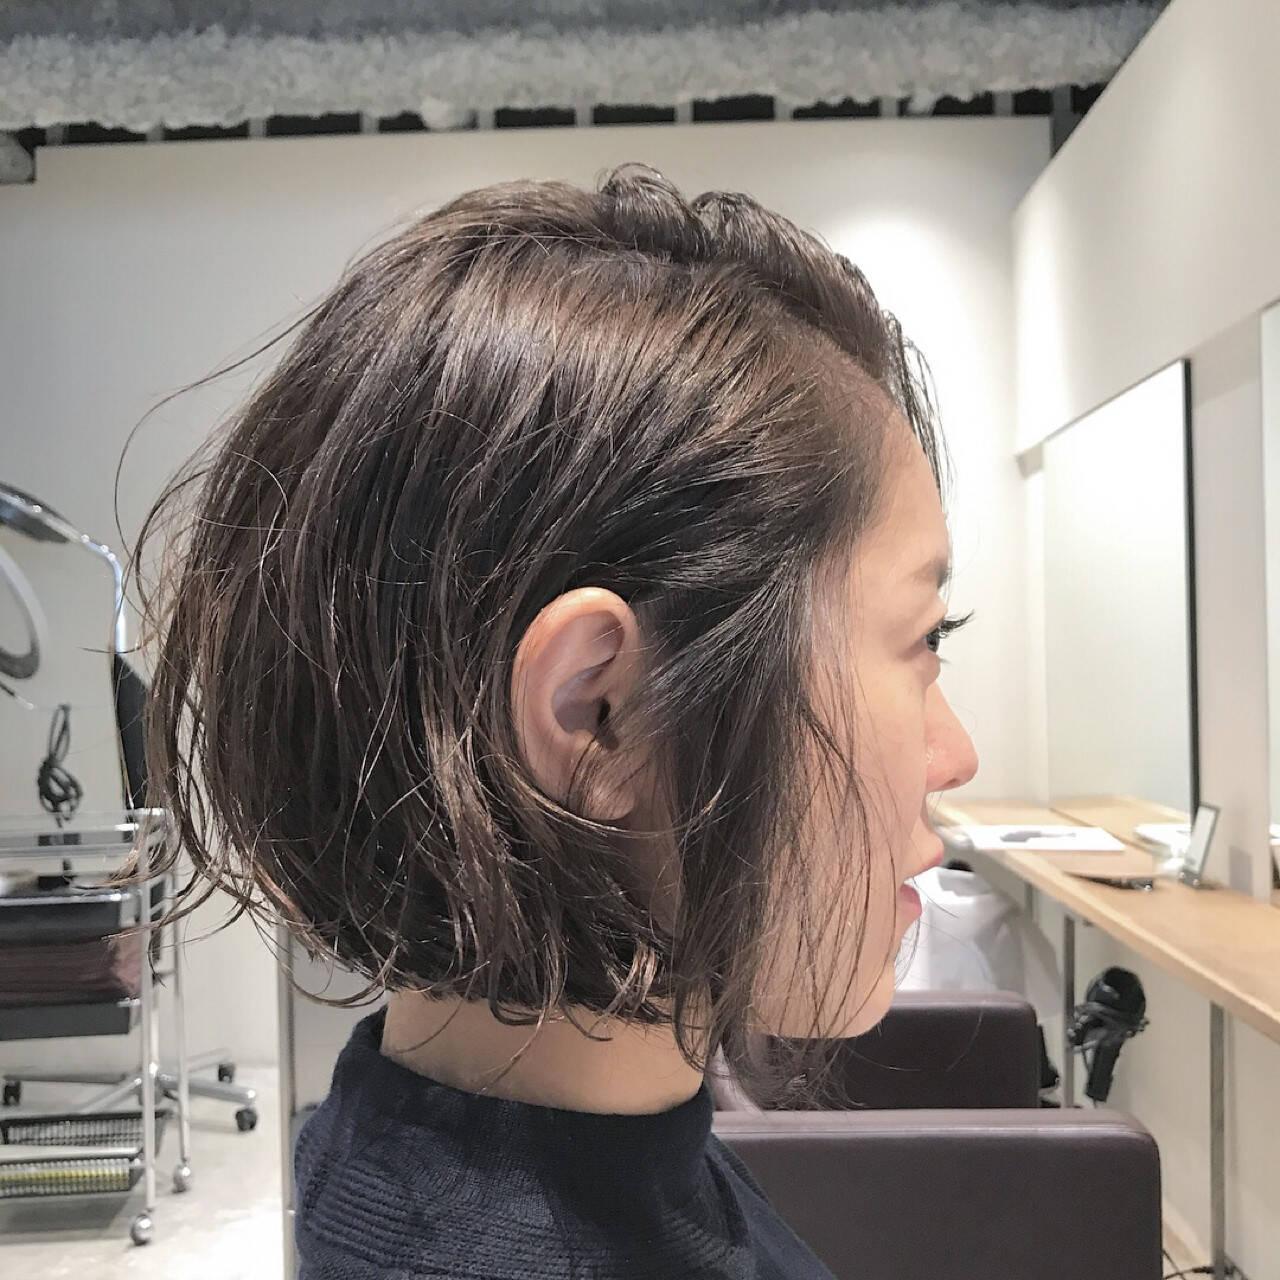 暗髪 ウェットヘア 外国人風 パーマヘアスタイルや髪型の写真・画像